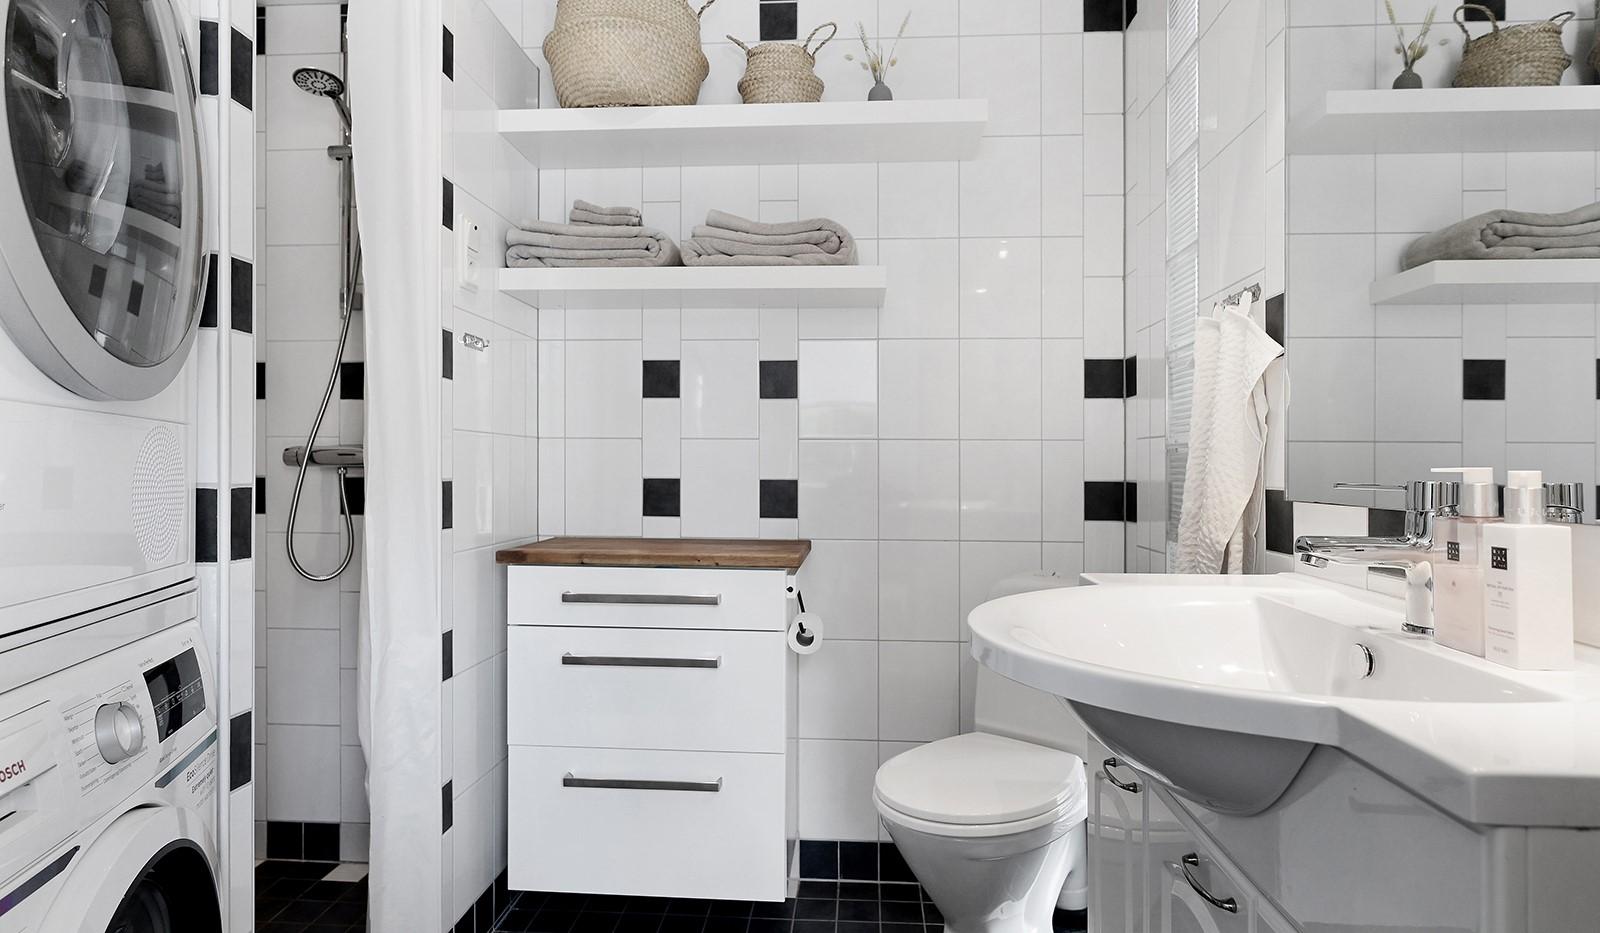 Backebogatan 20 - Badrum med dusch och tvättpelare på entréplan